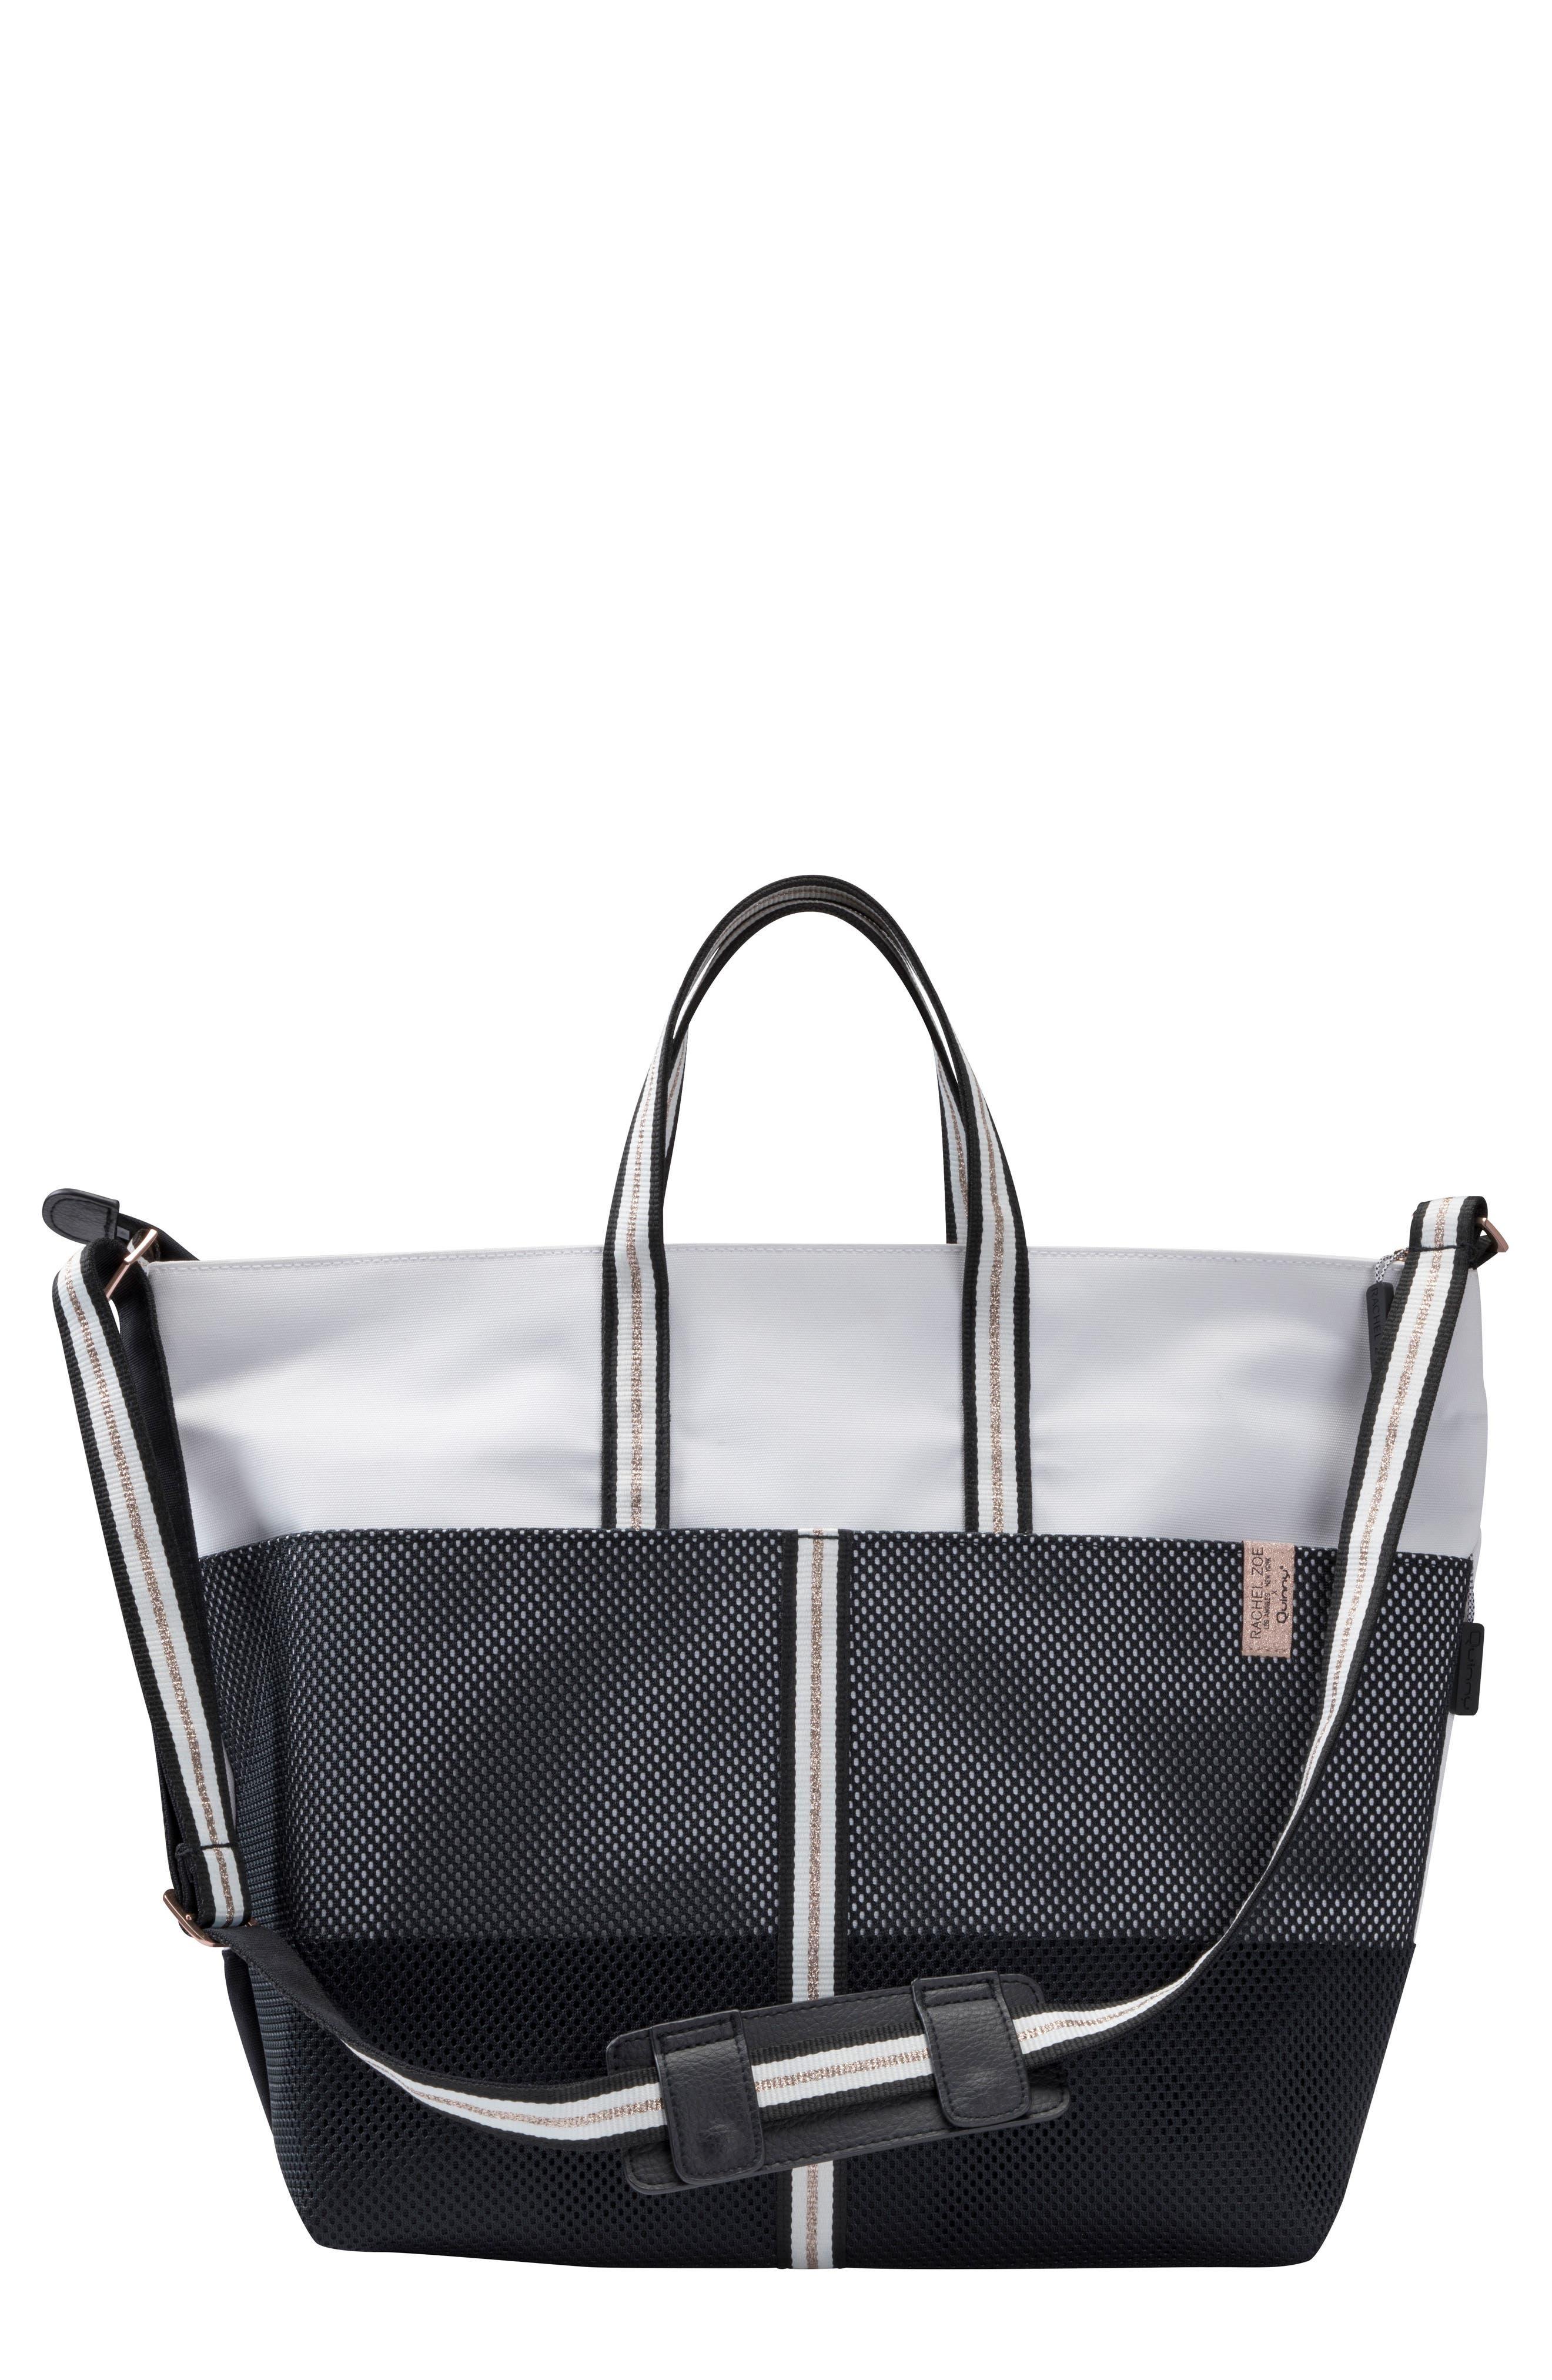 Quinny x Rachel Zoe Luxe Sport Diaper Bag (Nordstrom Exclusive)